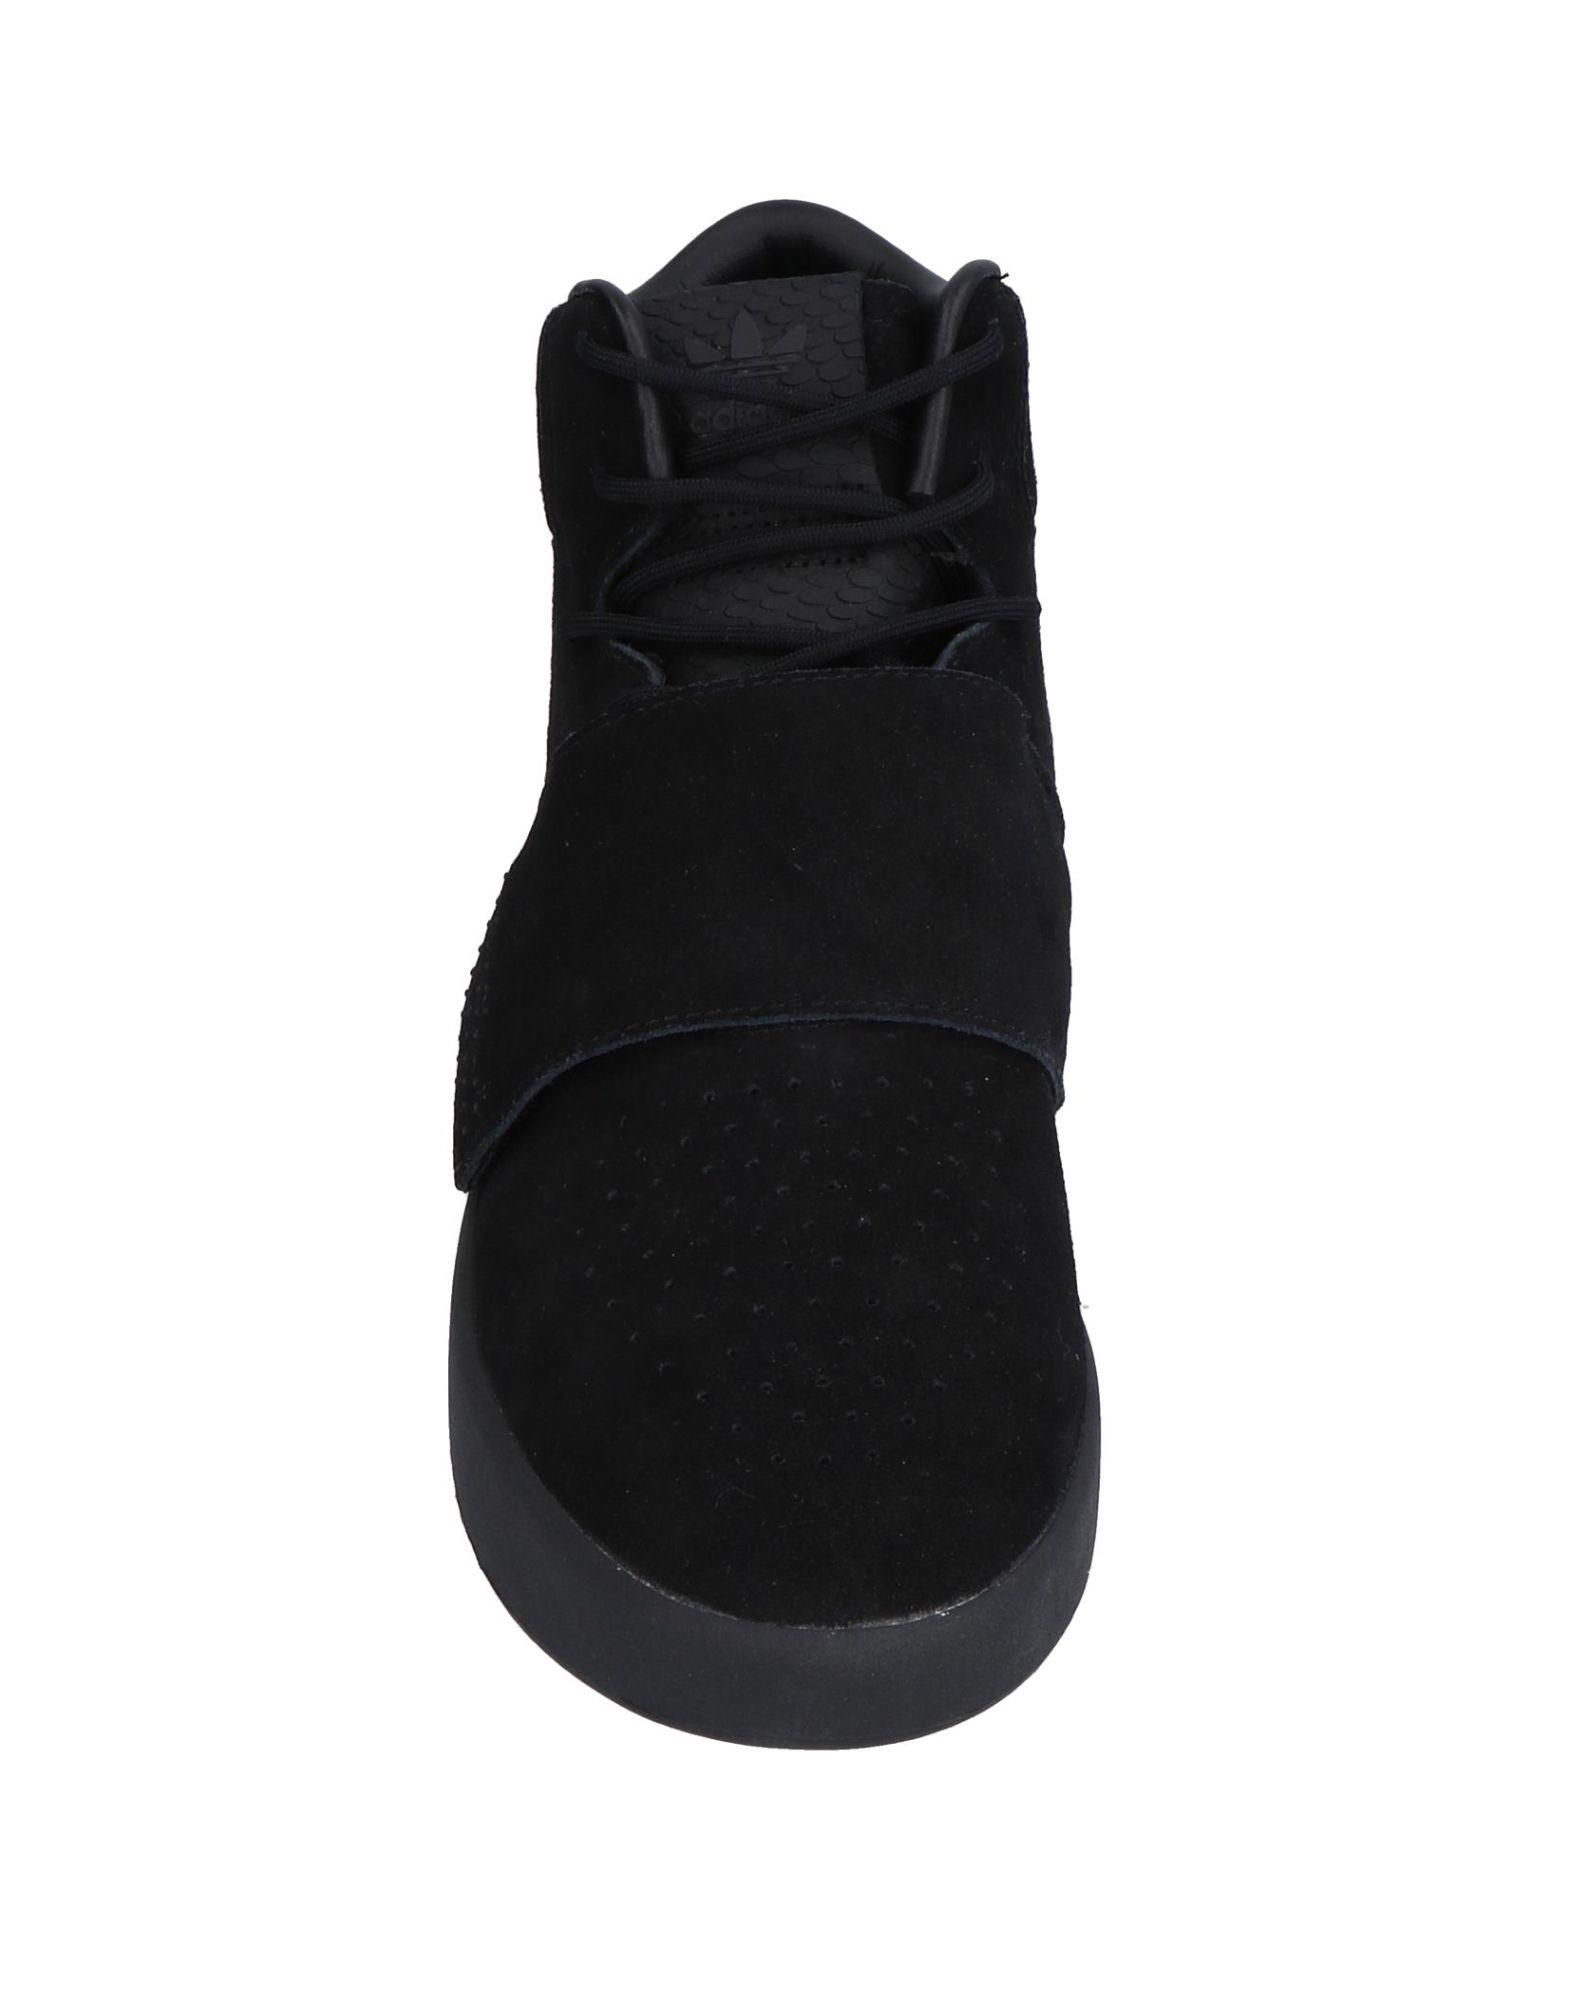 Rabatt Originals echte Schuhe Adidas Originals Rabatt Sneakers Herren  11487495VL 38e696